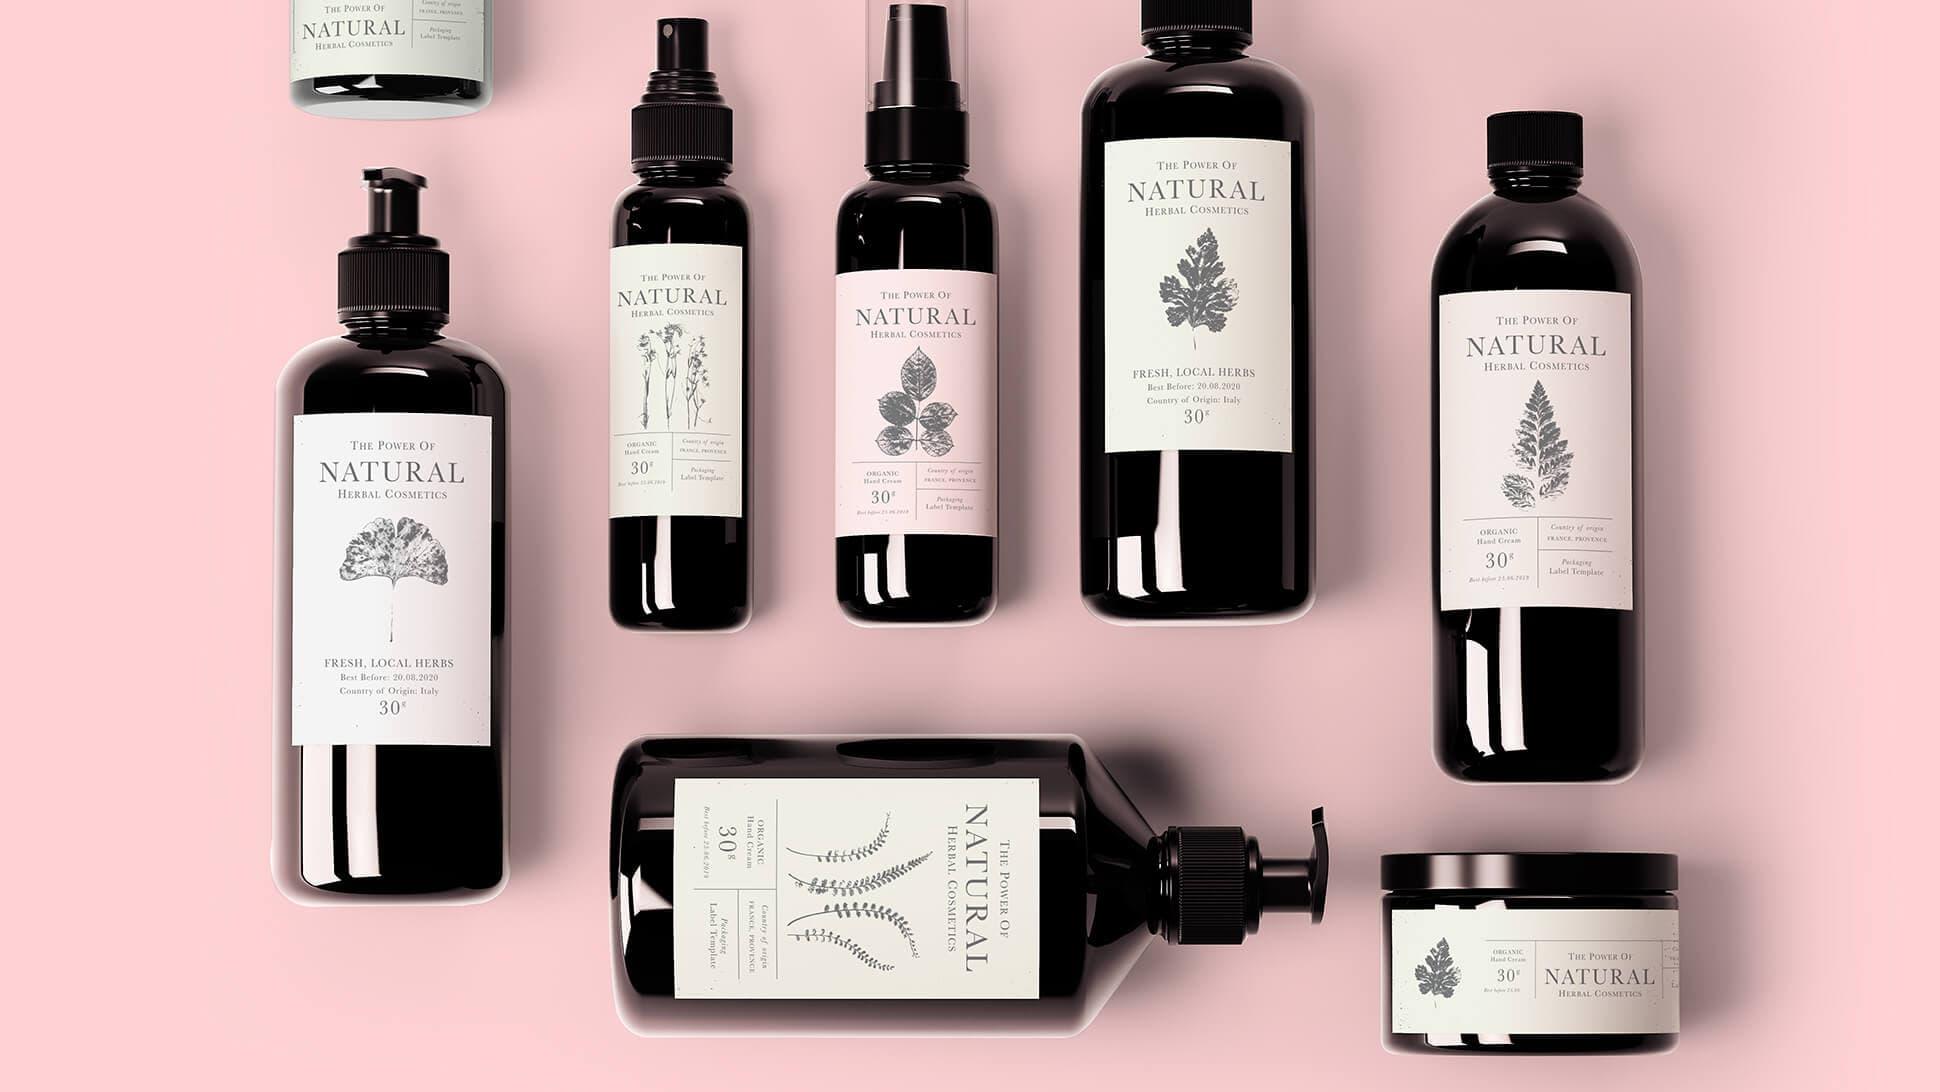 Etichette per barattoli di shampoo, cosmetici, prodotti per la cura personale personalizzabili | tictac.it